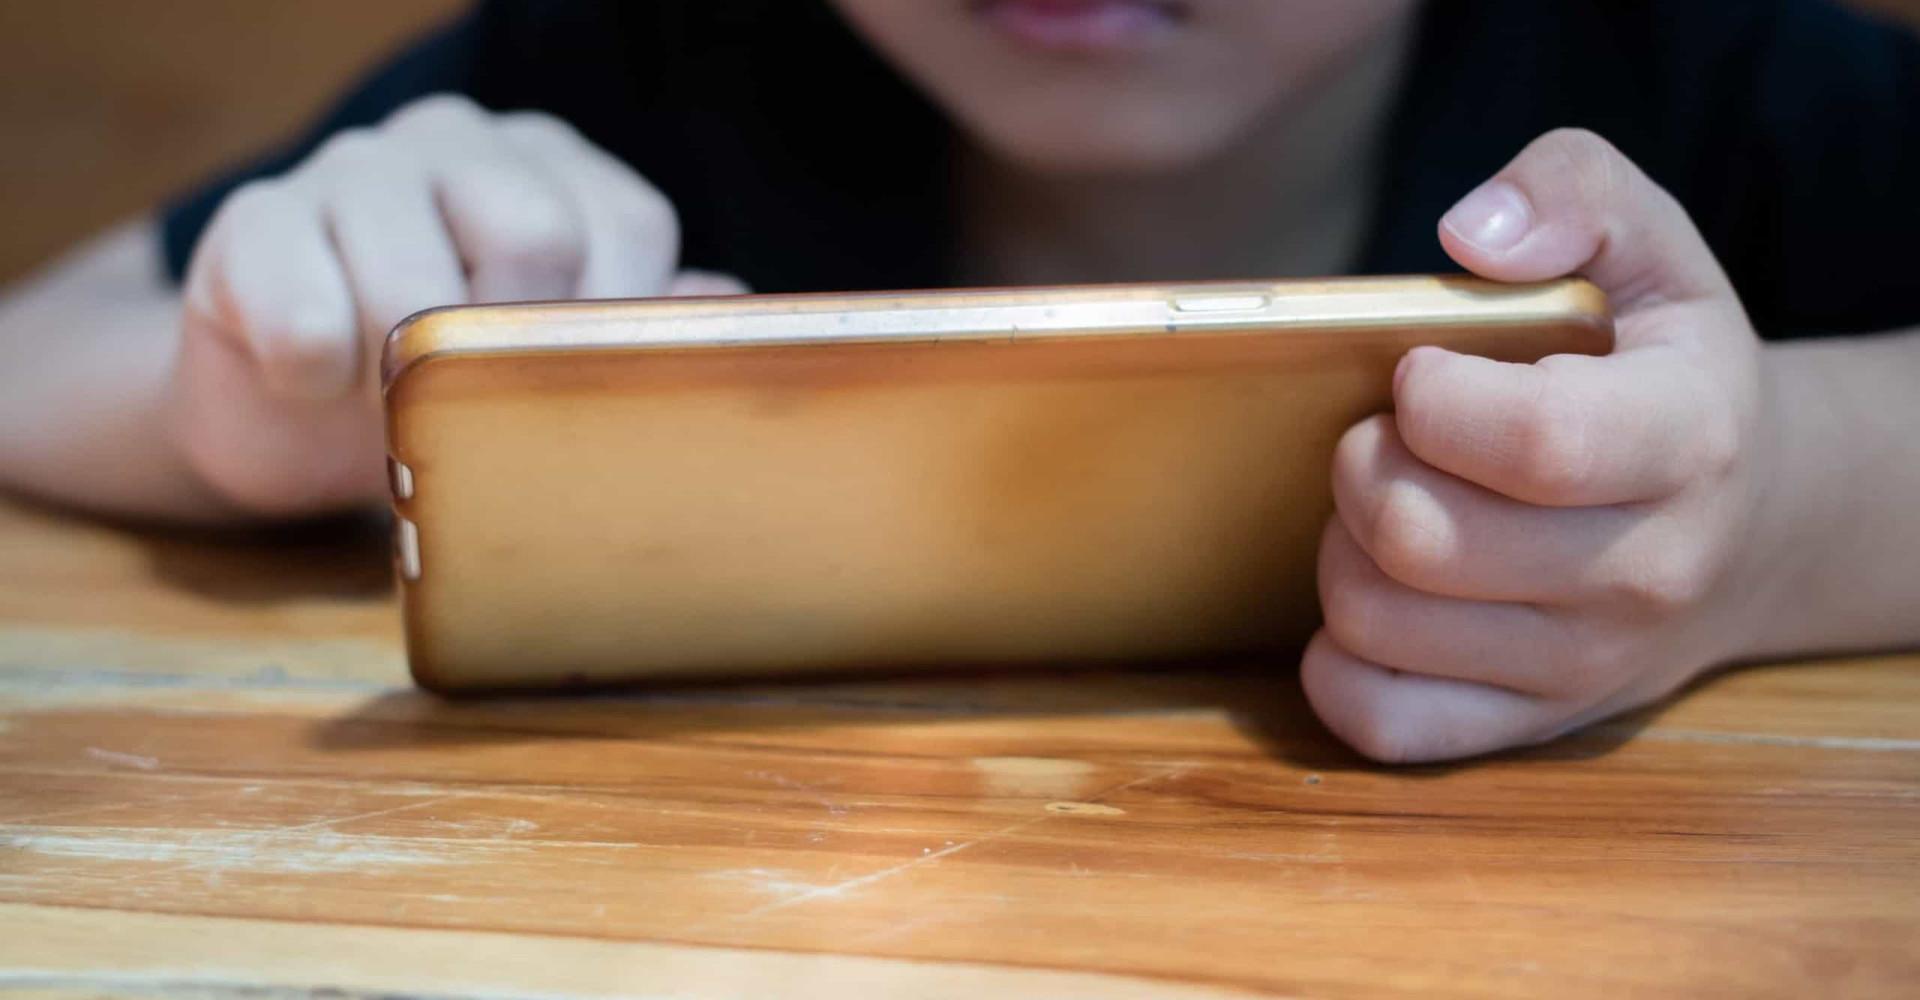 Wanneer zijn kinderen oud genoeg voor een smartphone?